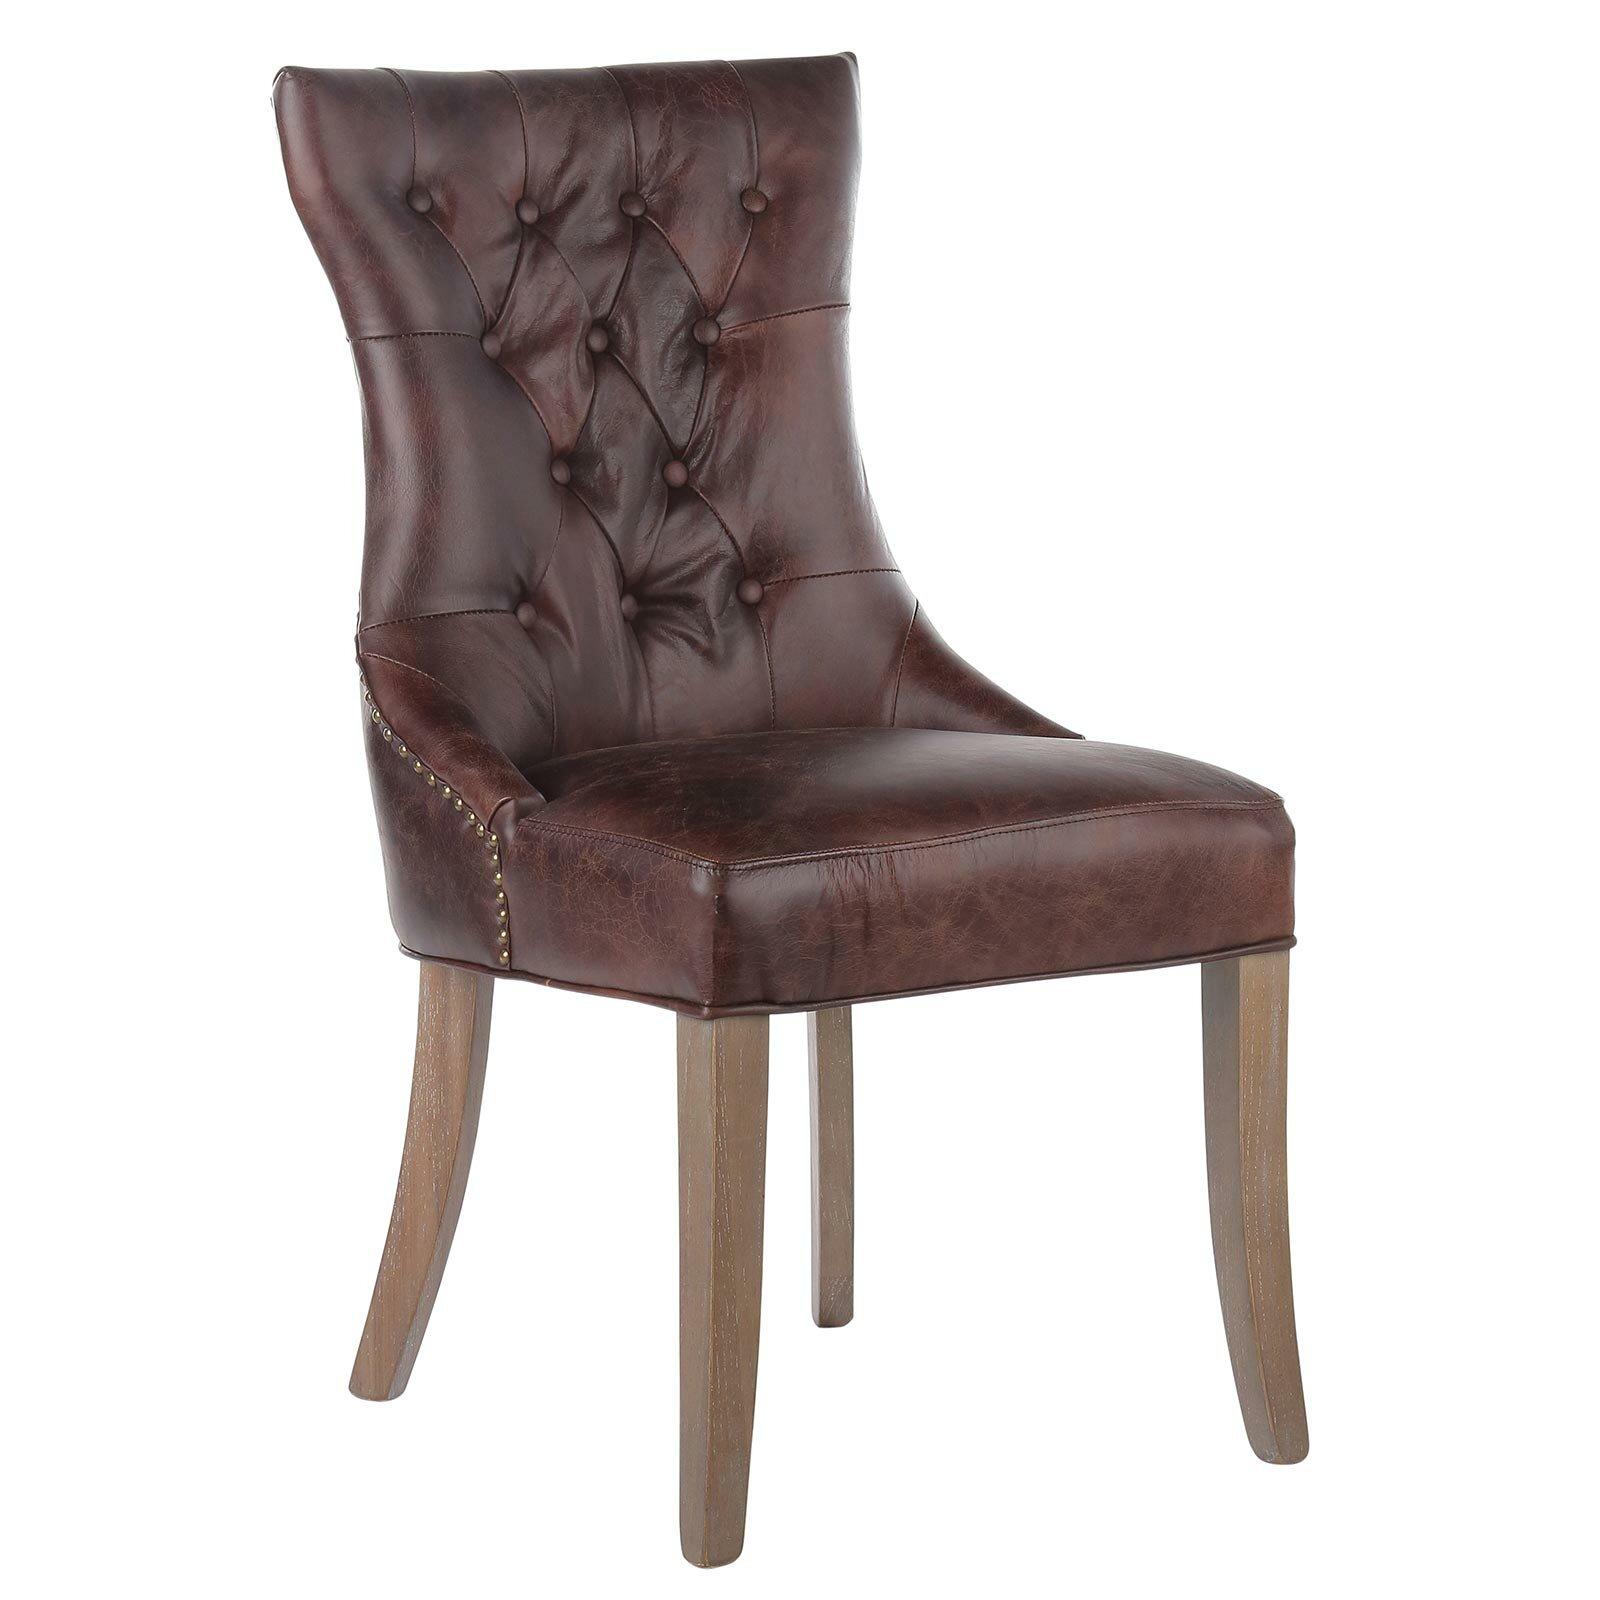 joseph allen mustang tufted genuine leather upholstered. Black Bedroom Furniture Sets. Home Design Ideas